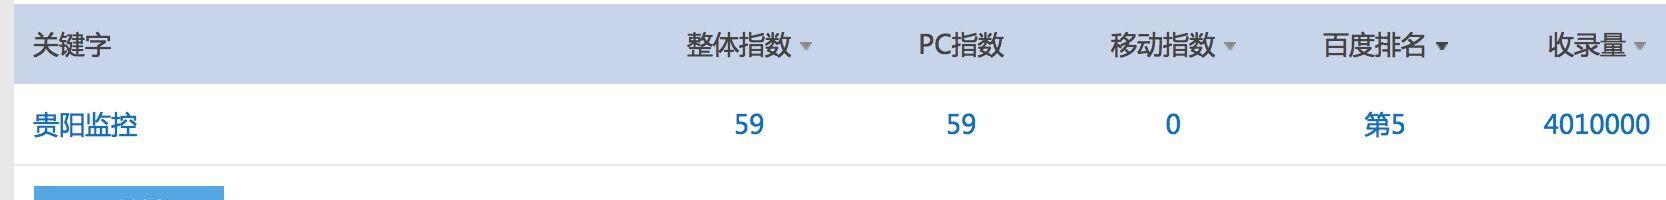 贵阳监控摄像头安装购买富海360网站优化系统效果很好